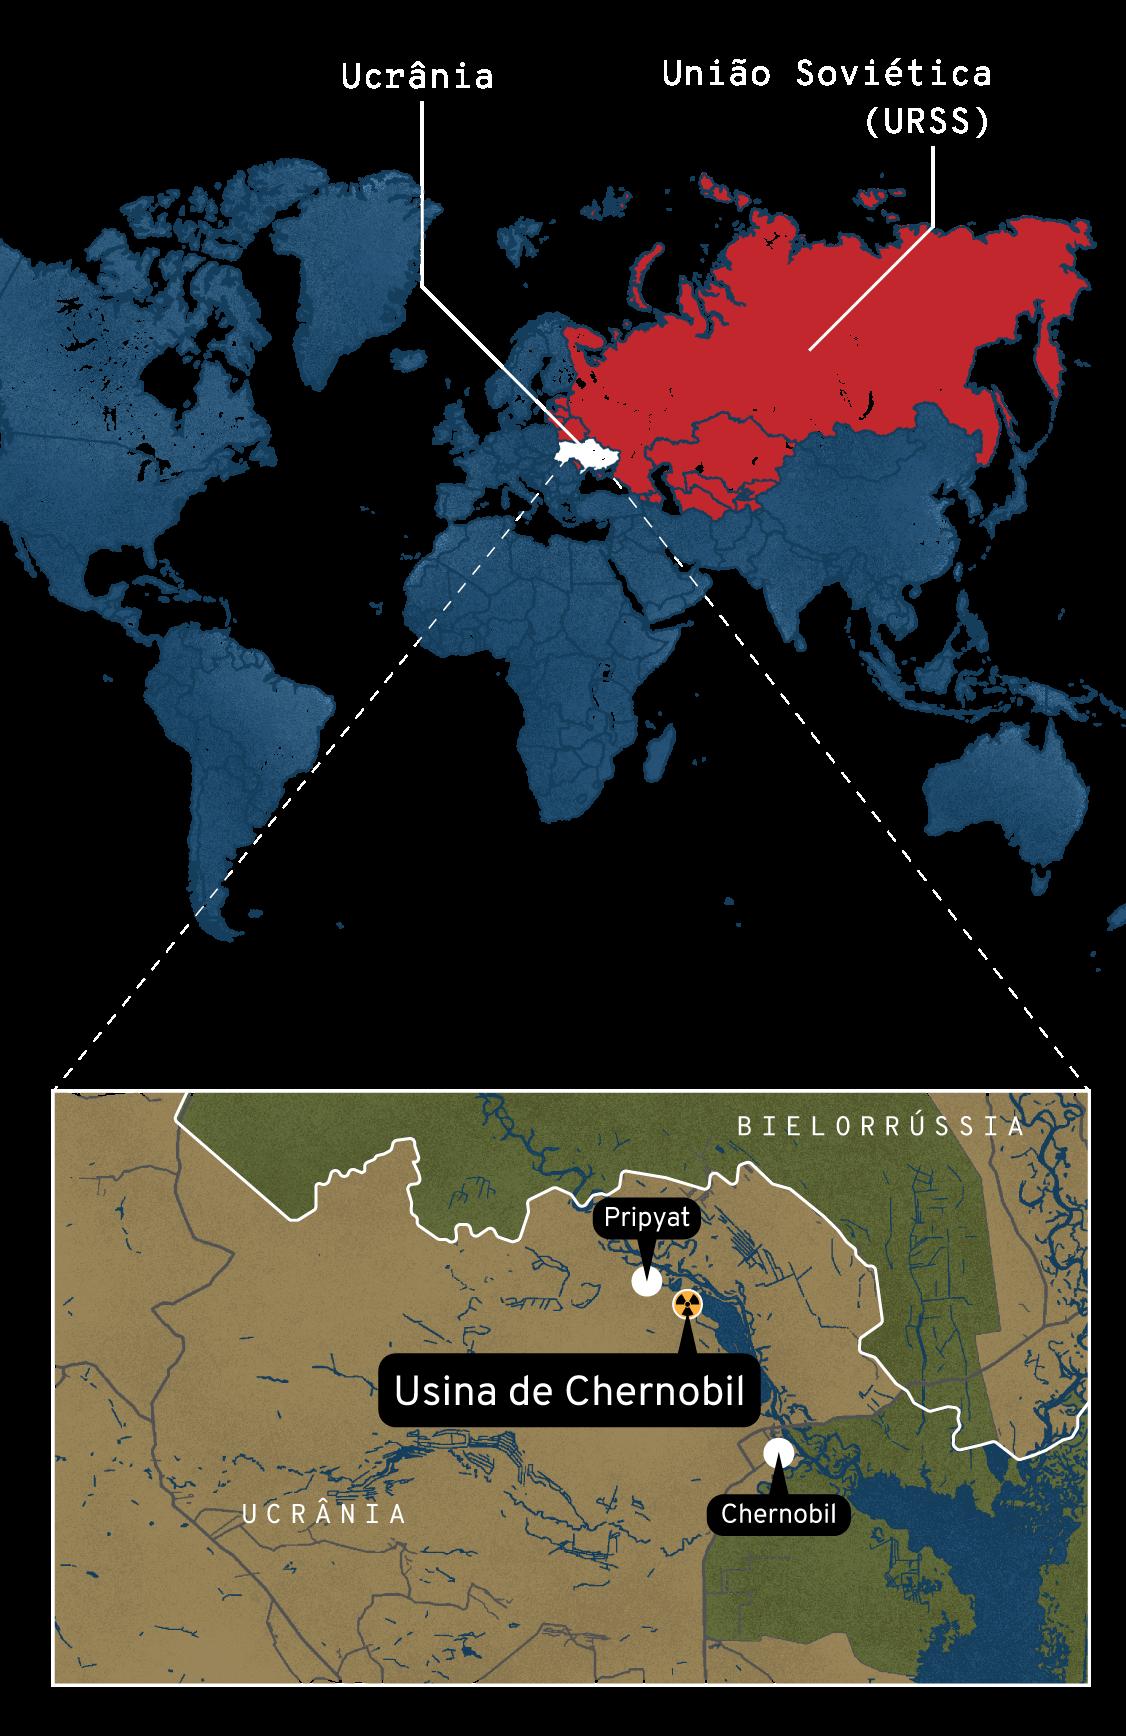 Mapa: Onde ficava a usina de Chernobil, na Ucrânia